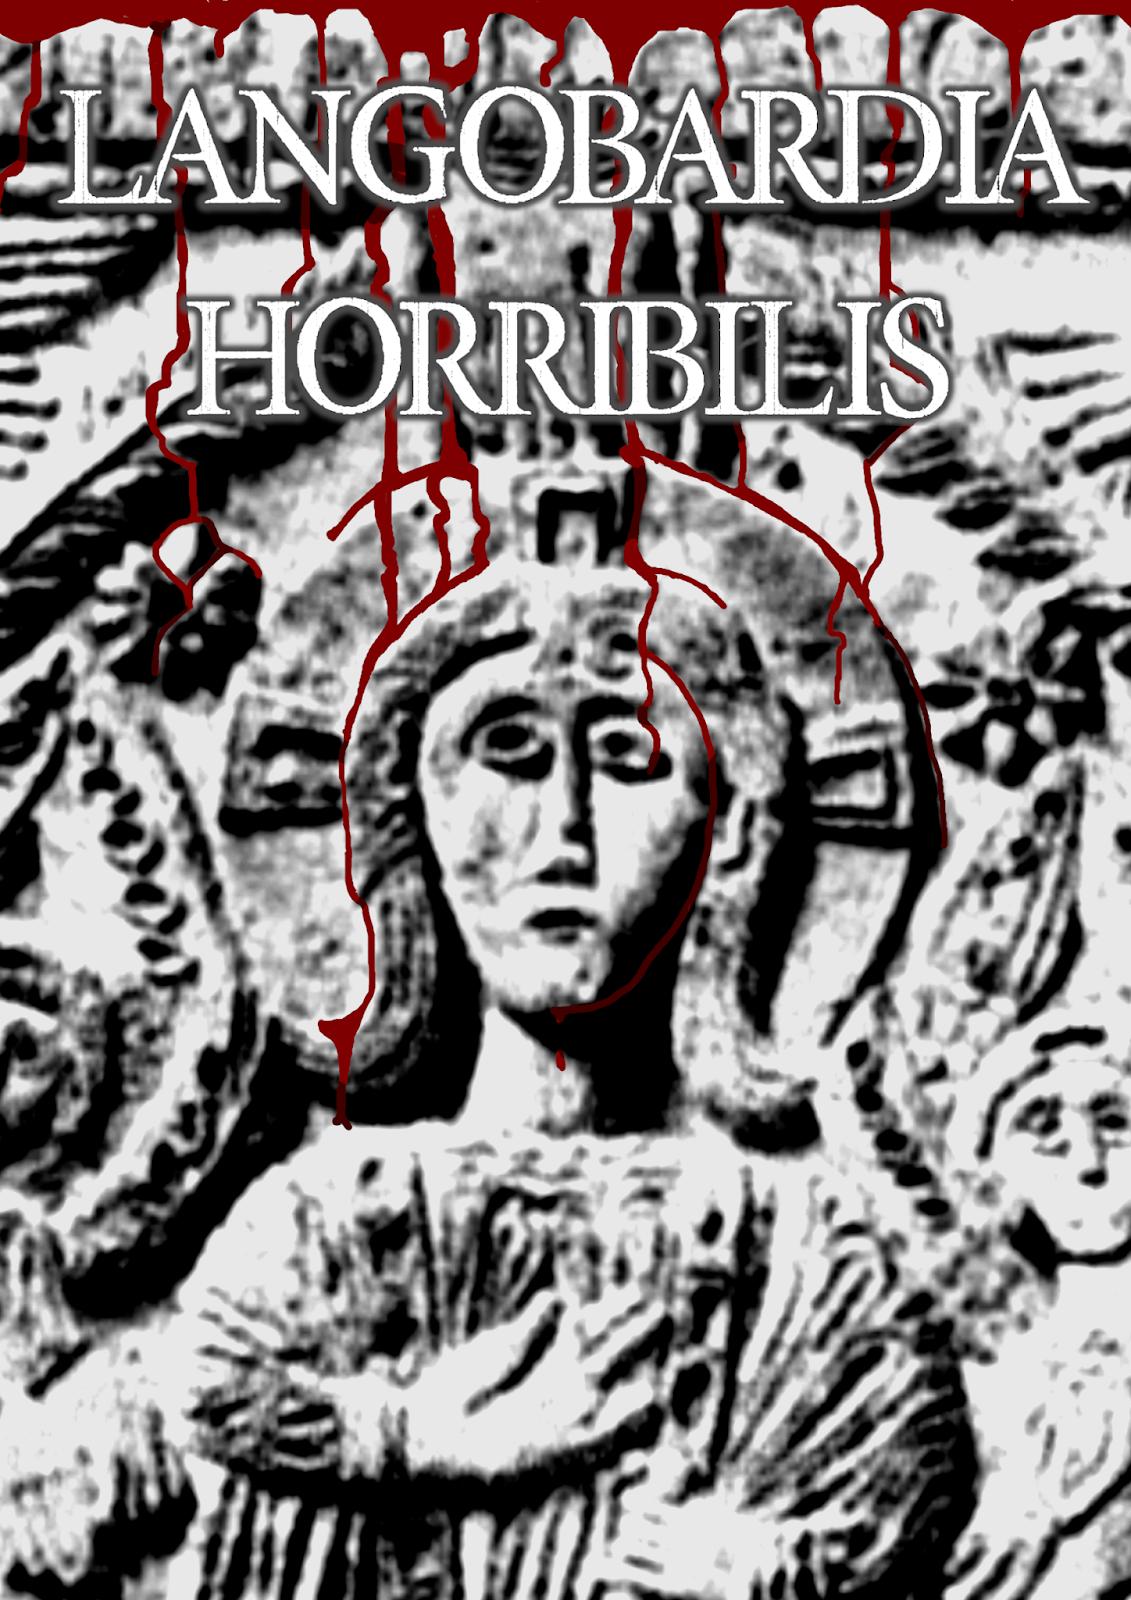 copertina Langobardia Horribilis